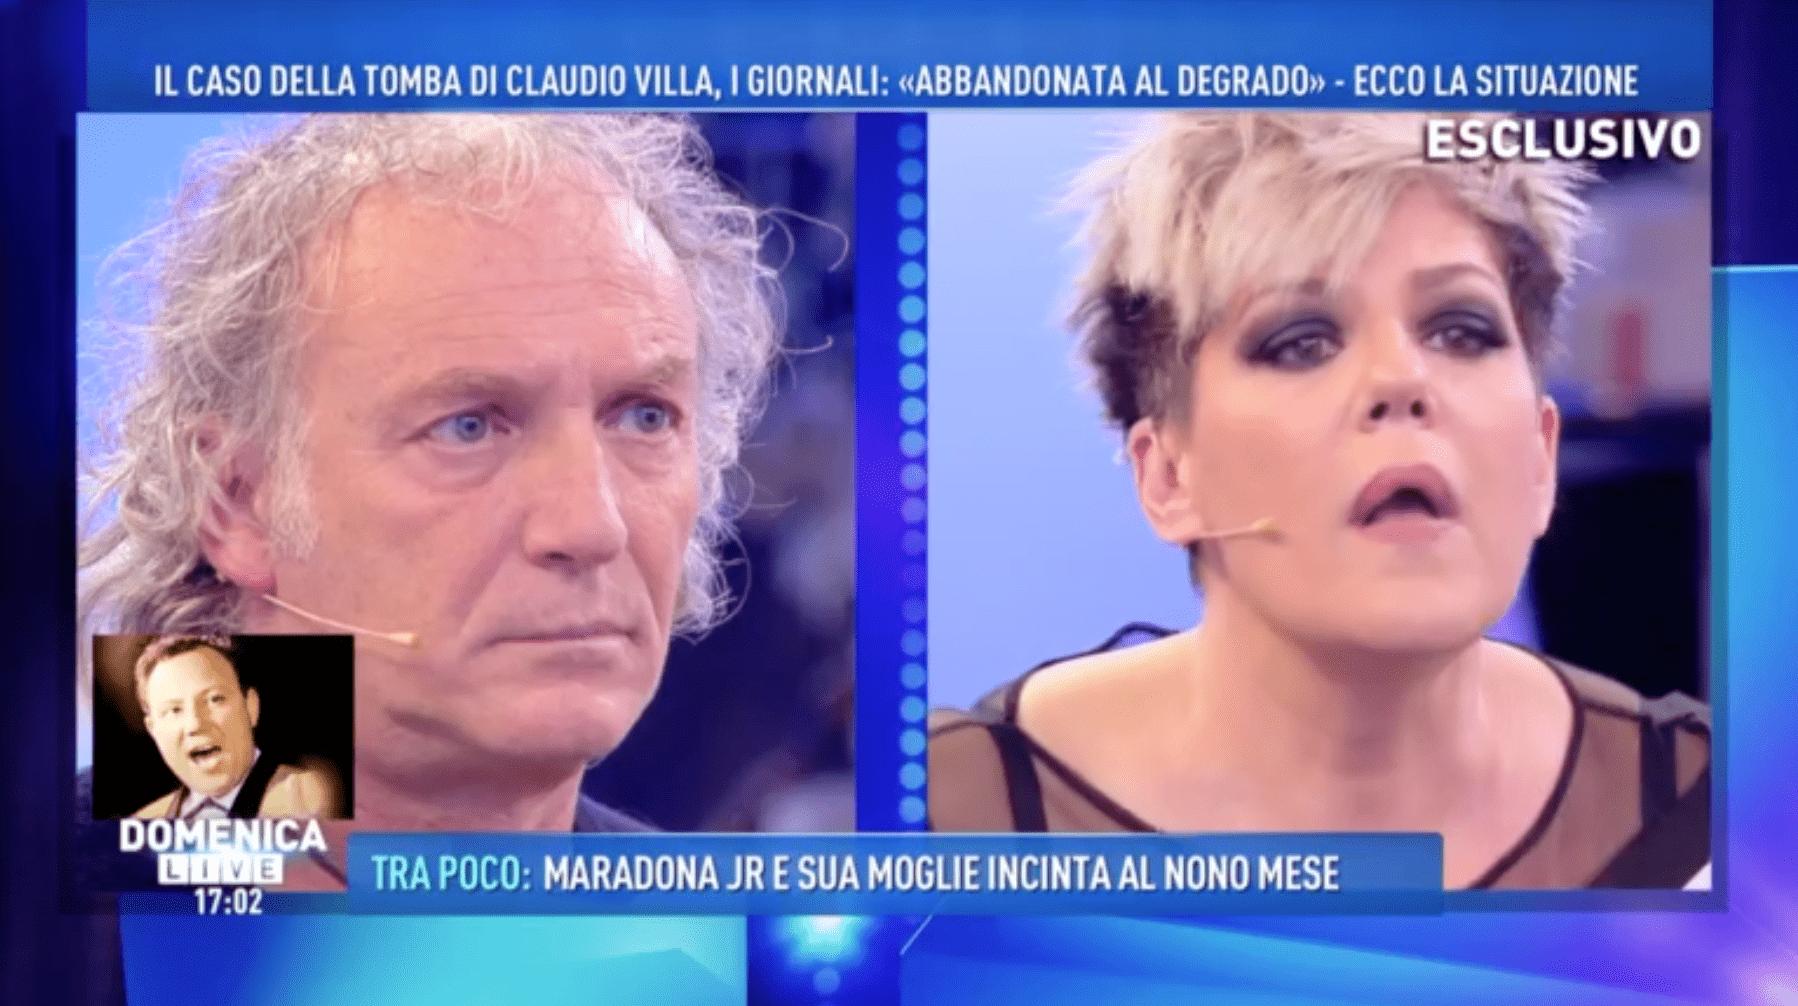 manuela villa accusa la vedova del padre domenica live